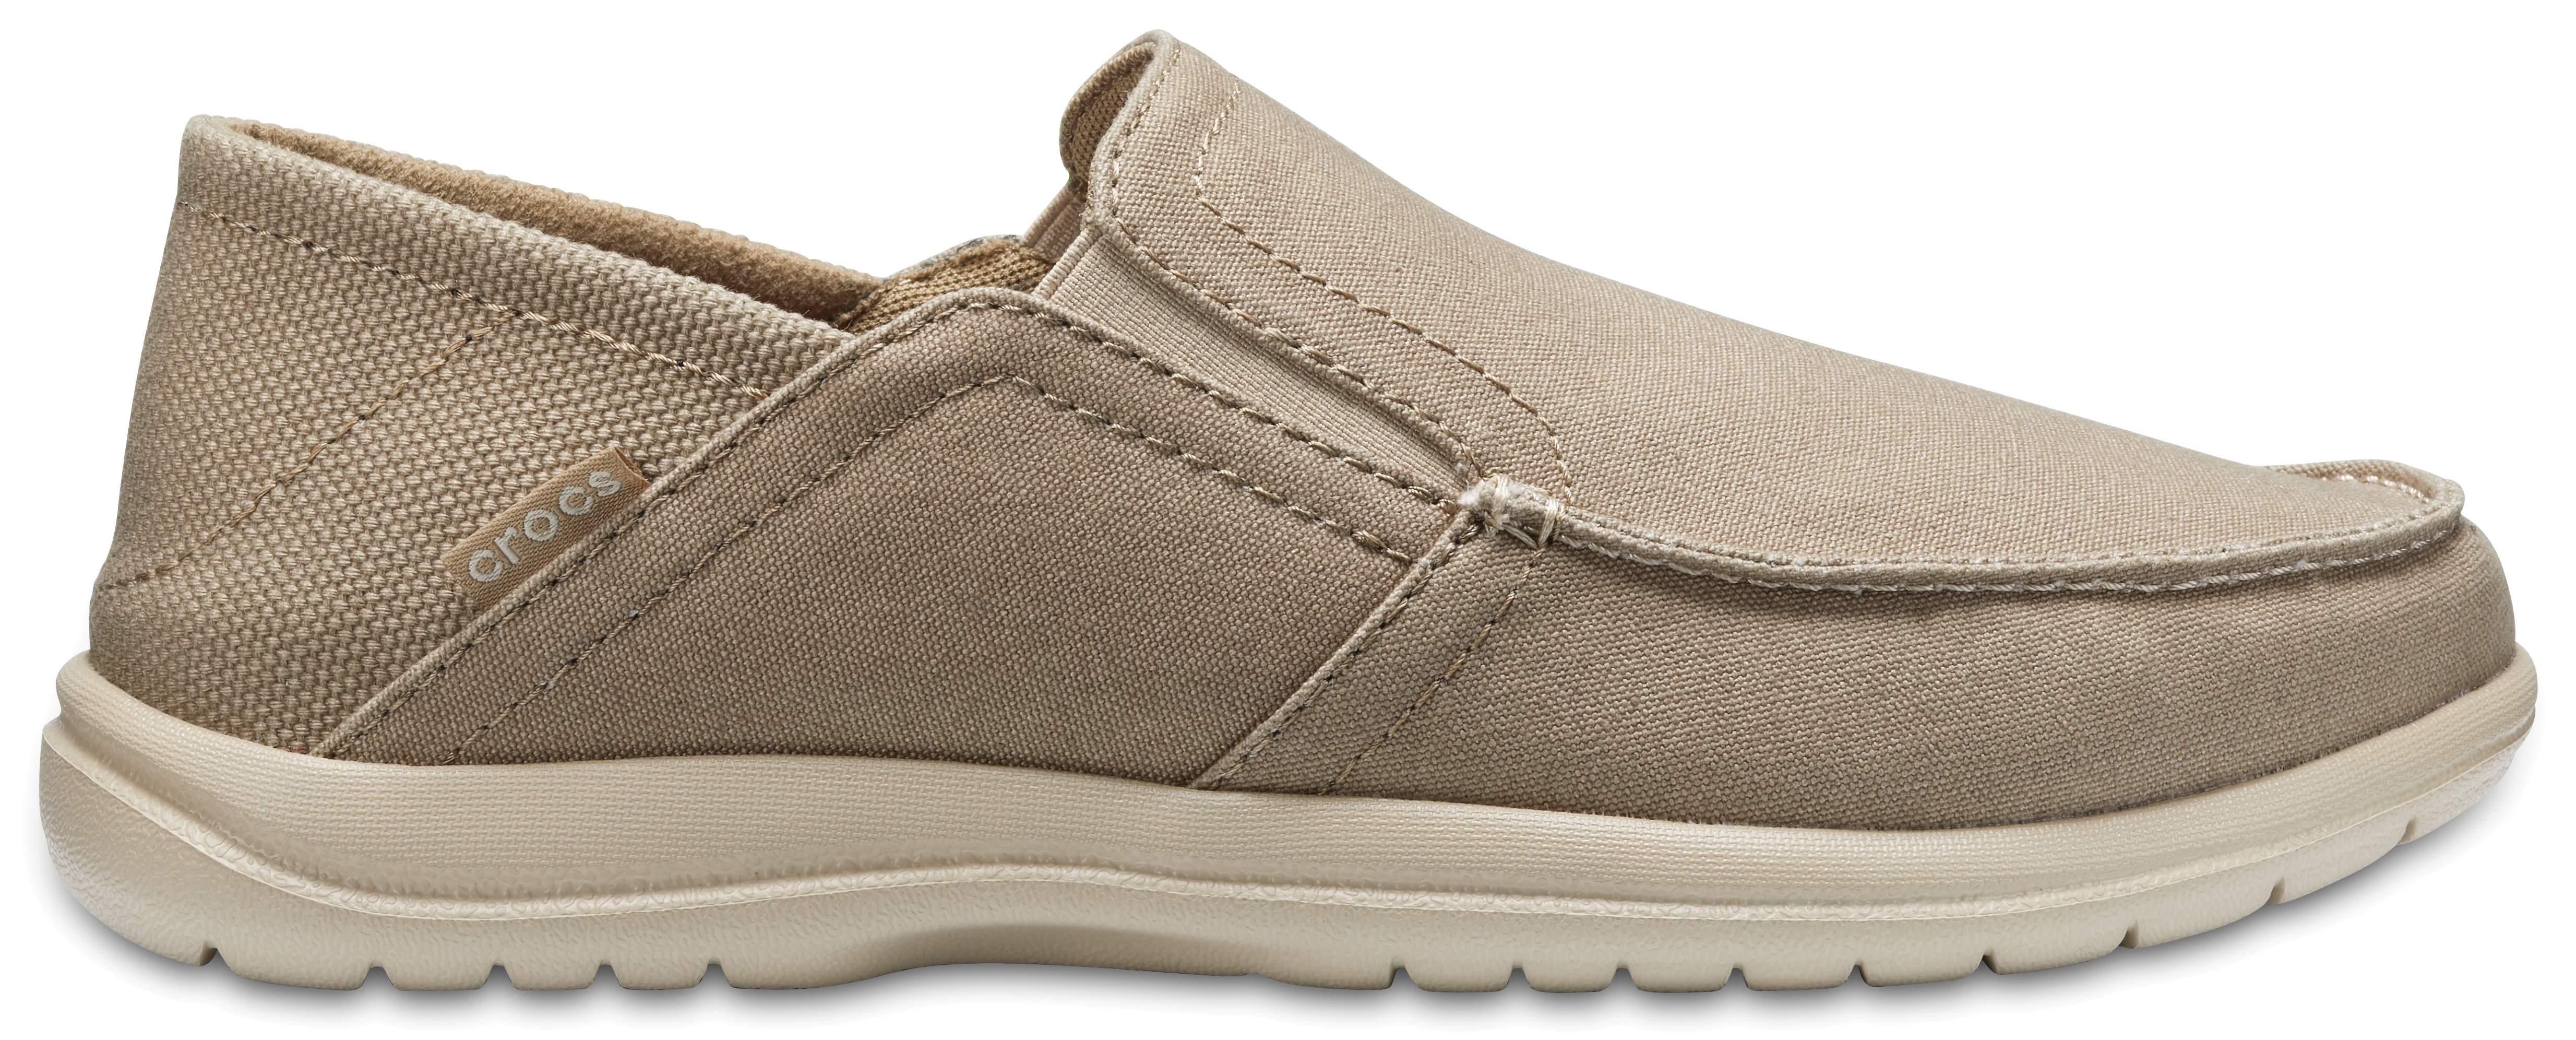 Crocs Santa Cruz Convertible ... Men's Shoes